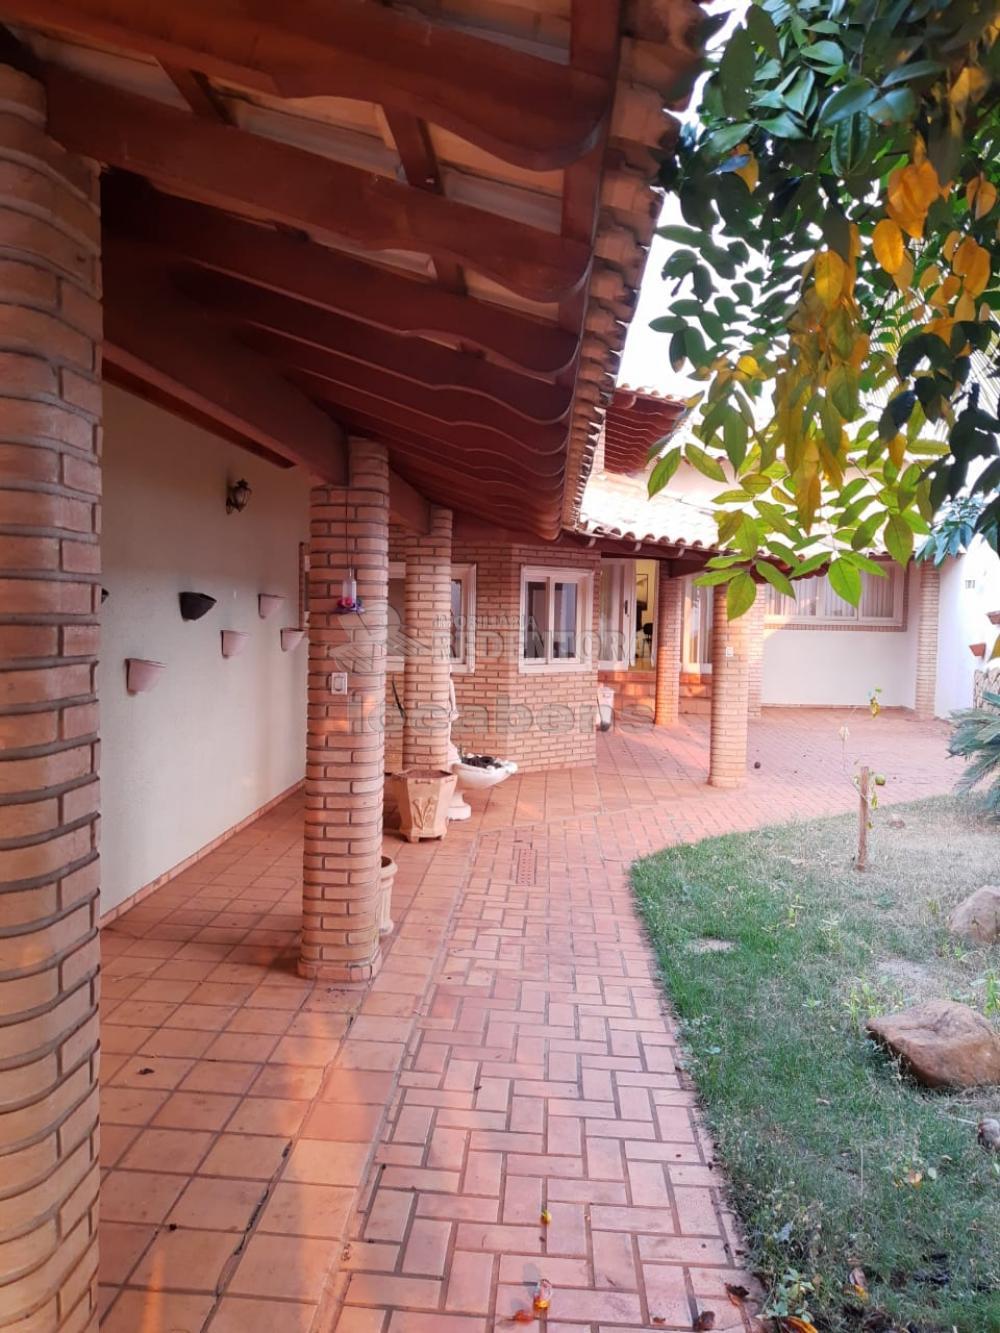 Comprar Casa / Padrão em São José do Rio Preto R$ 1.300.000,00 - Foto 10